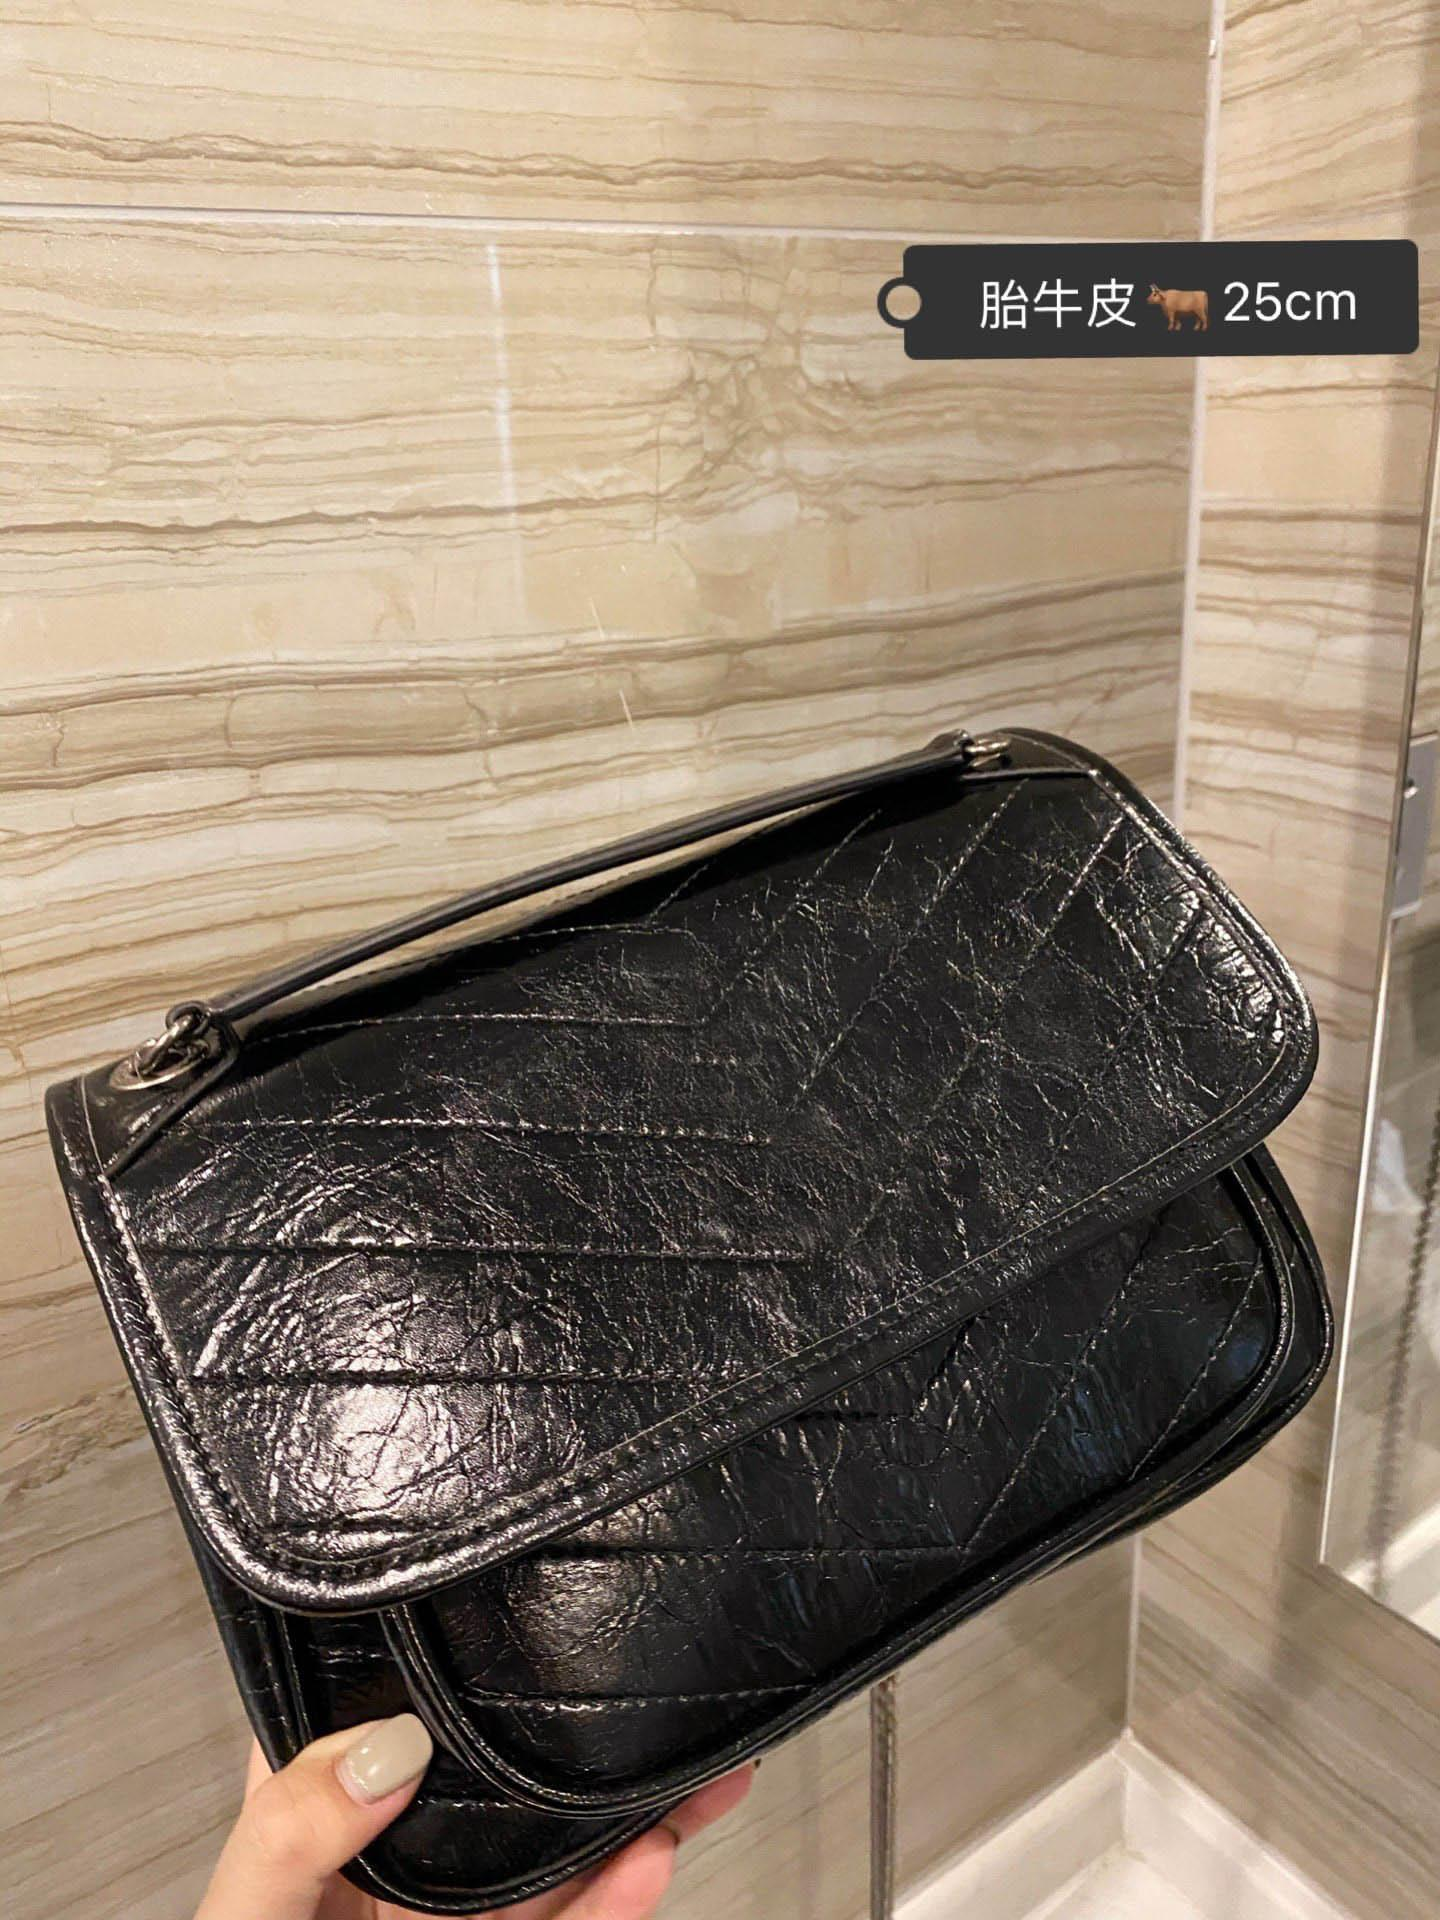 2021 Niki مصمم ماركة جلد الكتف رسول حقيبة الأزياء سلسلة حقيبة الكتف الكلاسيكية السيدات محفظة حقيبة حمل حقيبة